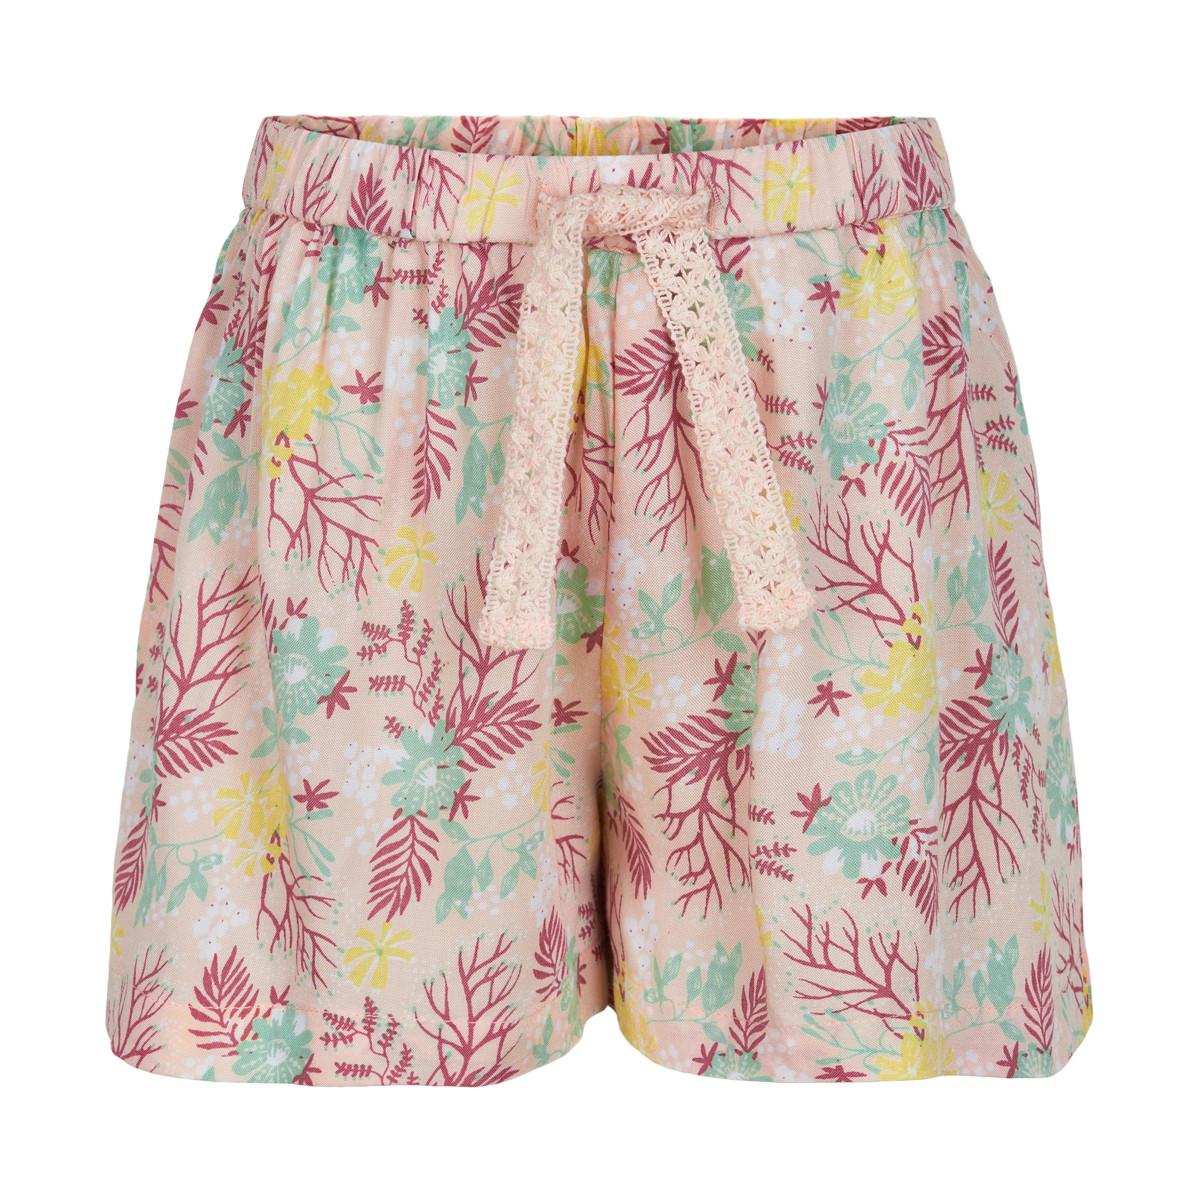 Minymo   Shorts   4y-14y   141269-5309